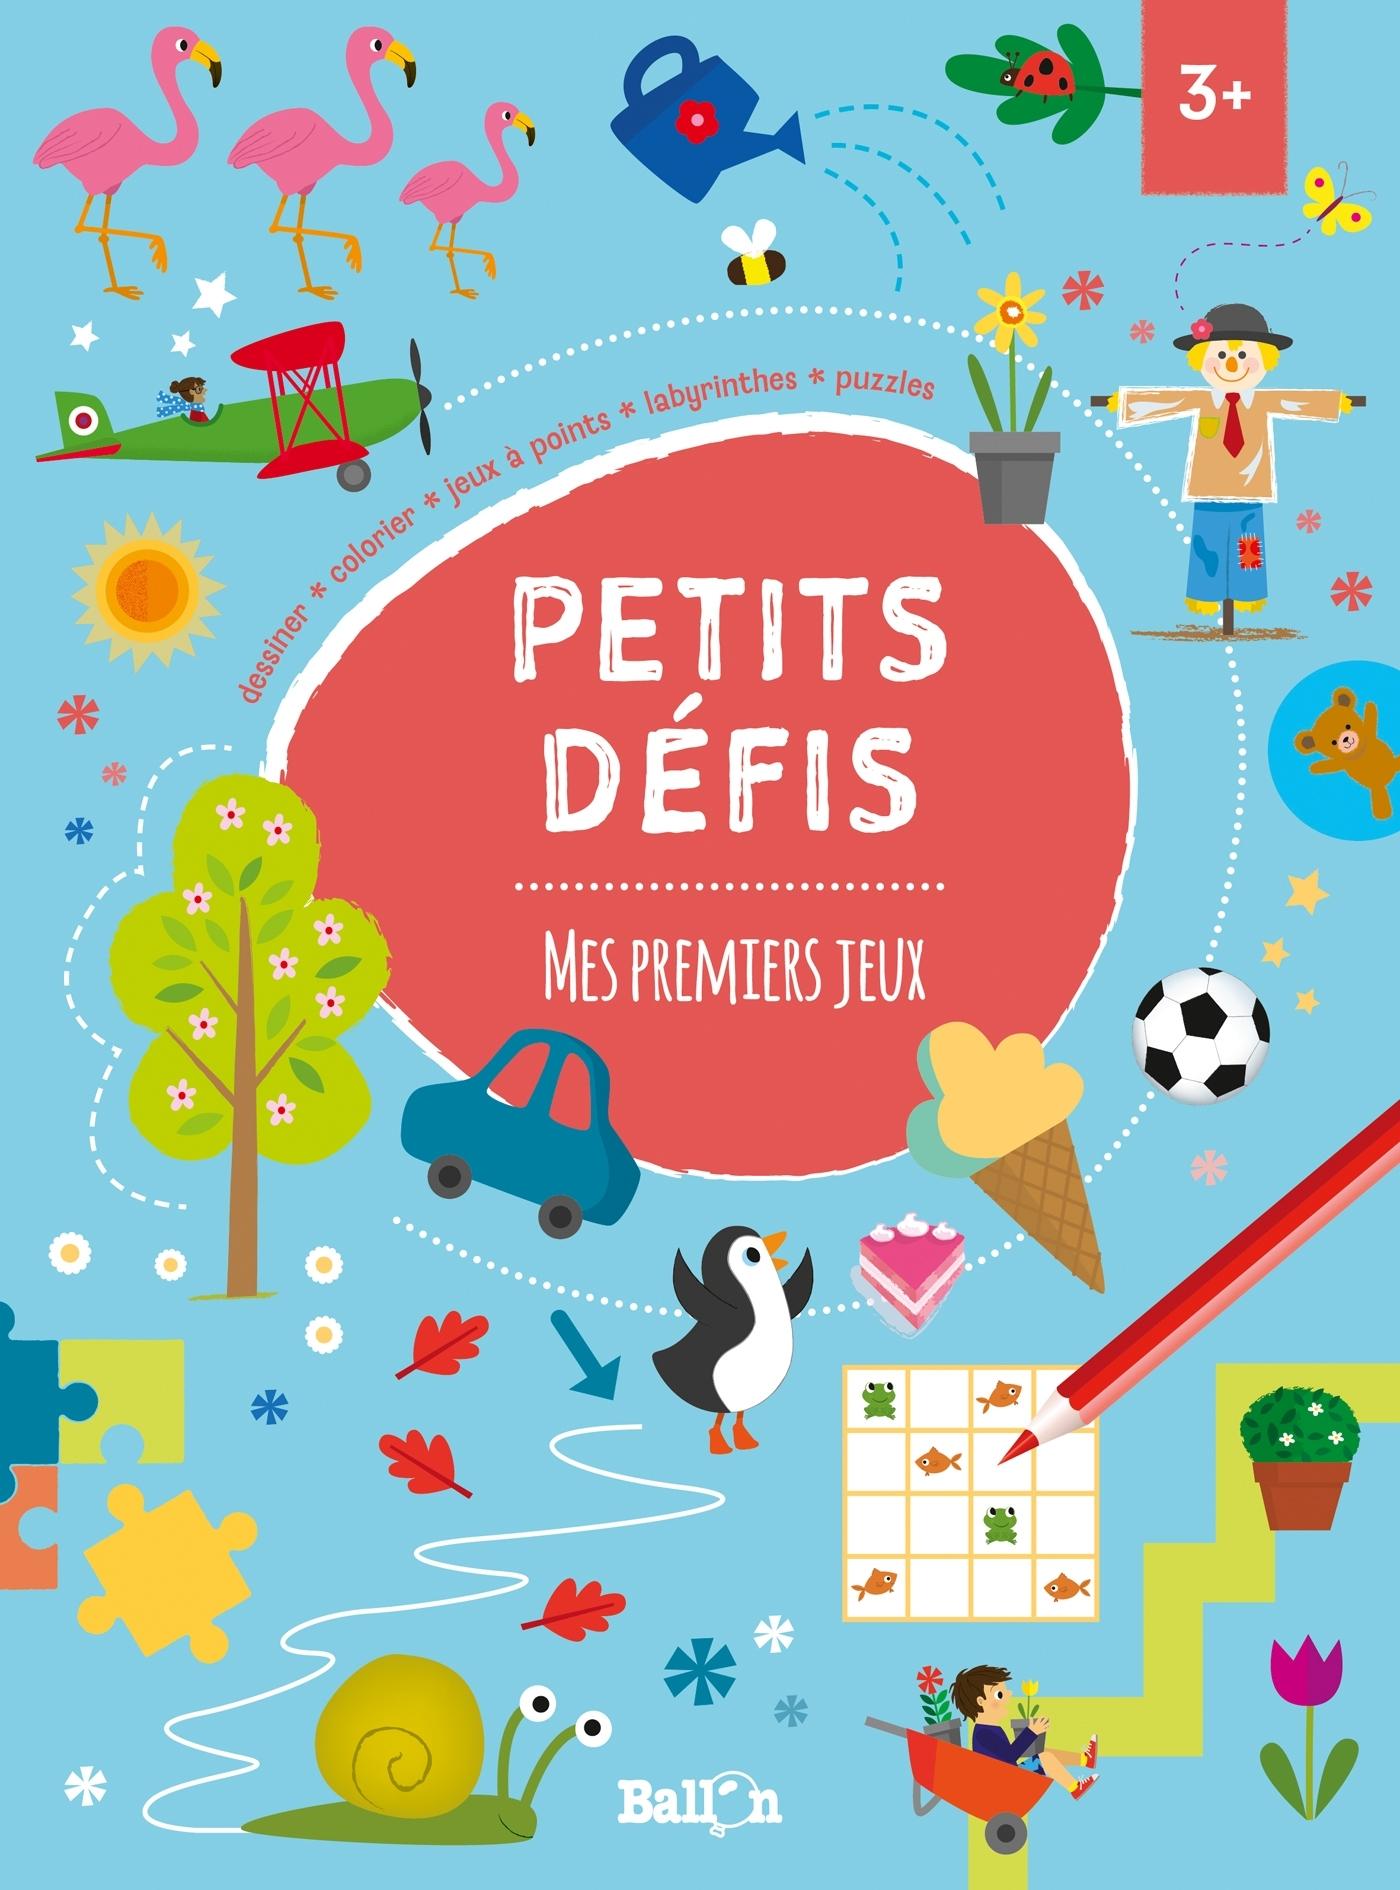 PETITS DEFIS : MES PREMIERS JEUX